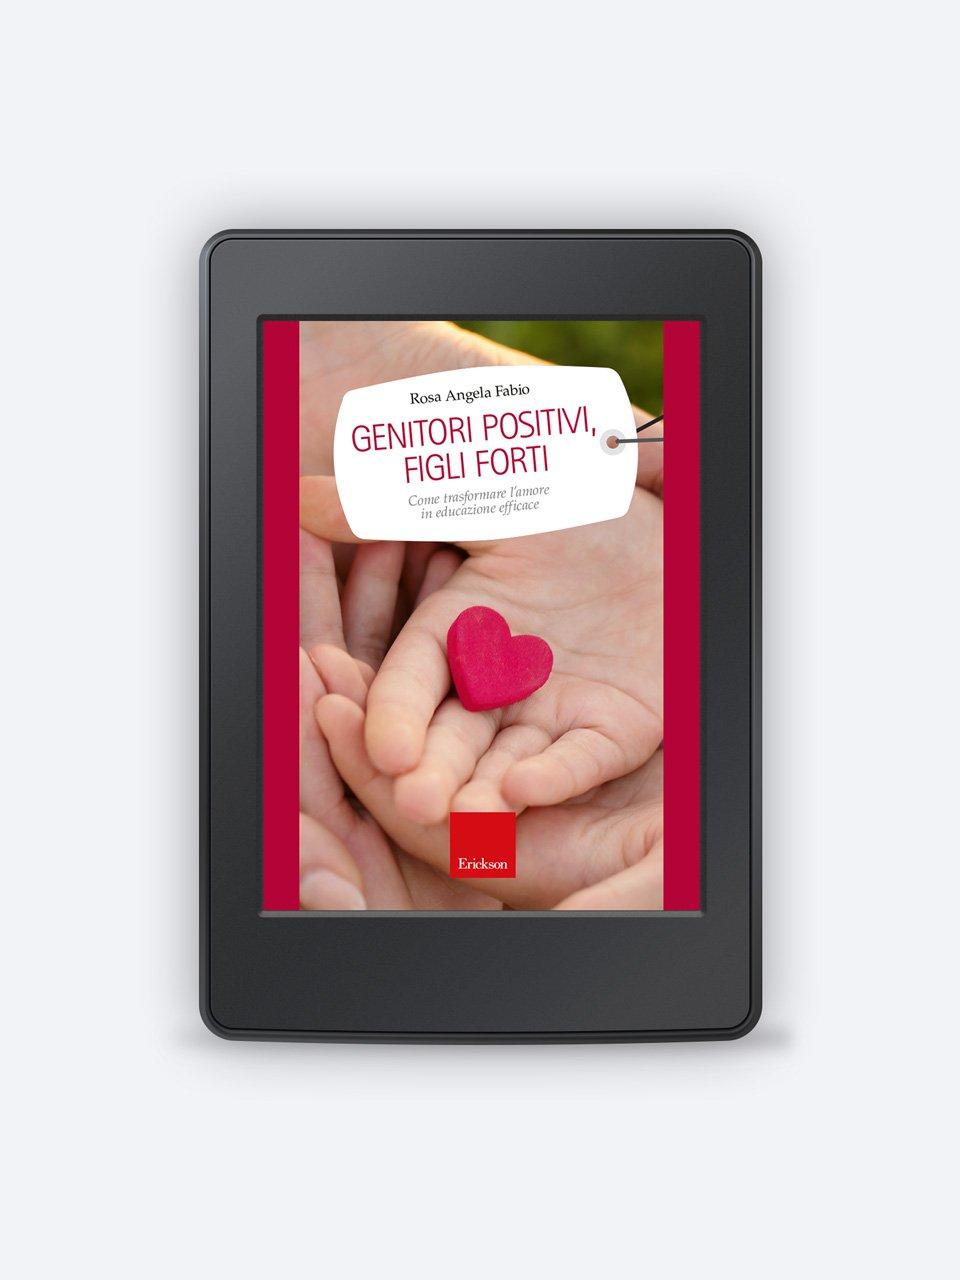 Genitori positivi, figli forti - Libri - Erickson 3